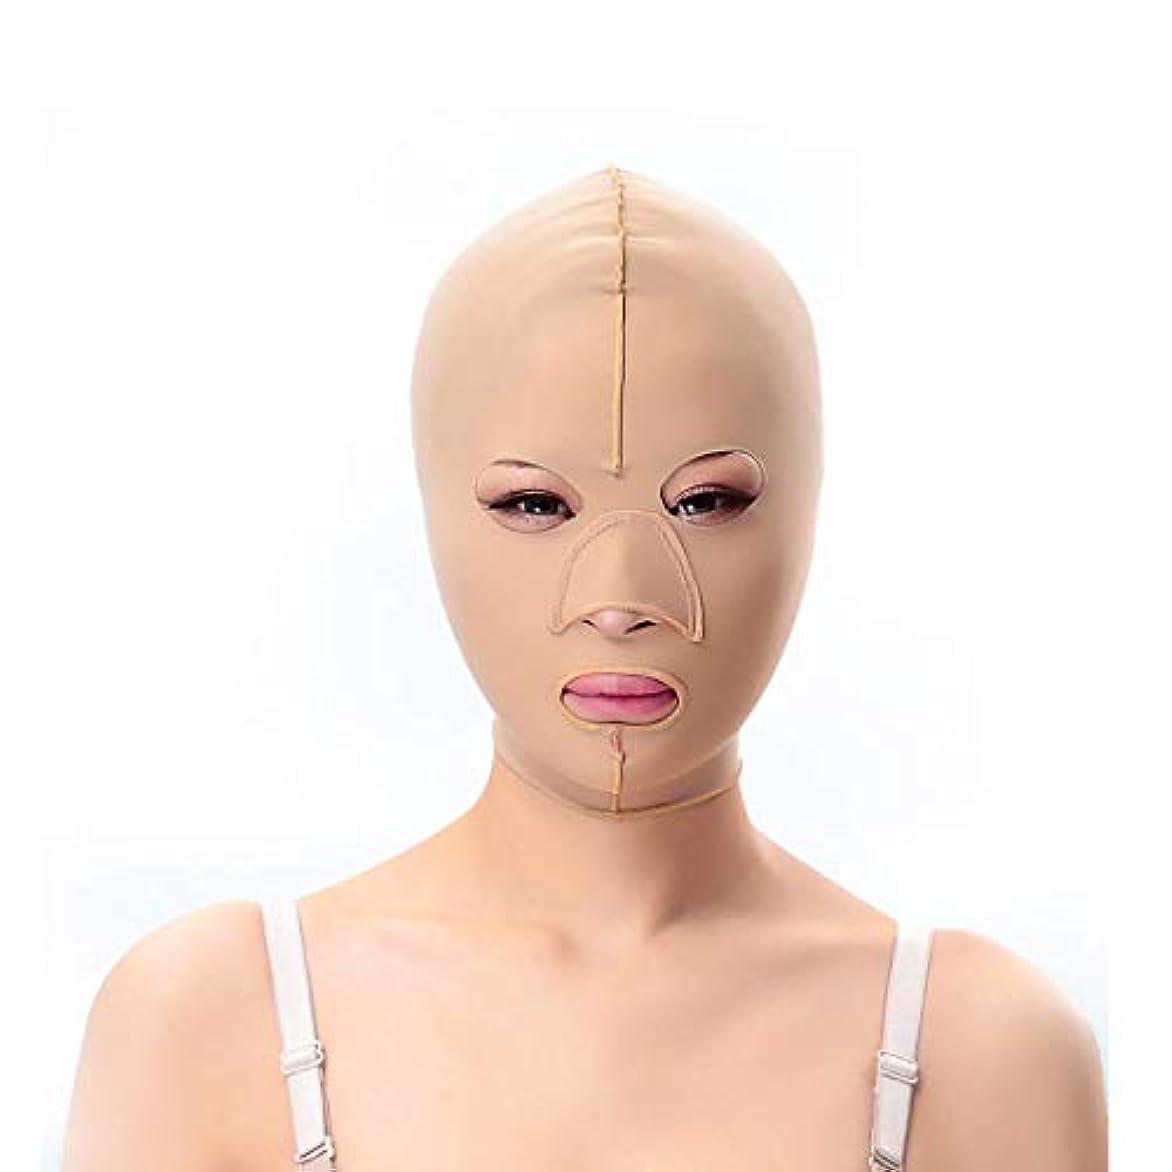 妻閉じ込める電話に出るスリミングベルト、二重あごの引き締め顔のプラスチックフェイスアーティファクト強力なフェイス包帯を脇に持ち上げるパターンを欺くためのフェイシャルマスクシンフェイスマスク(サイズ:L),XXL